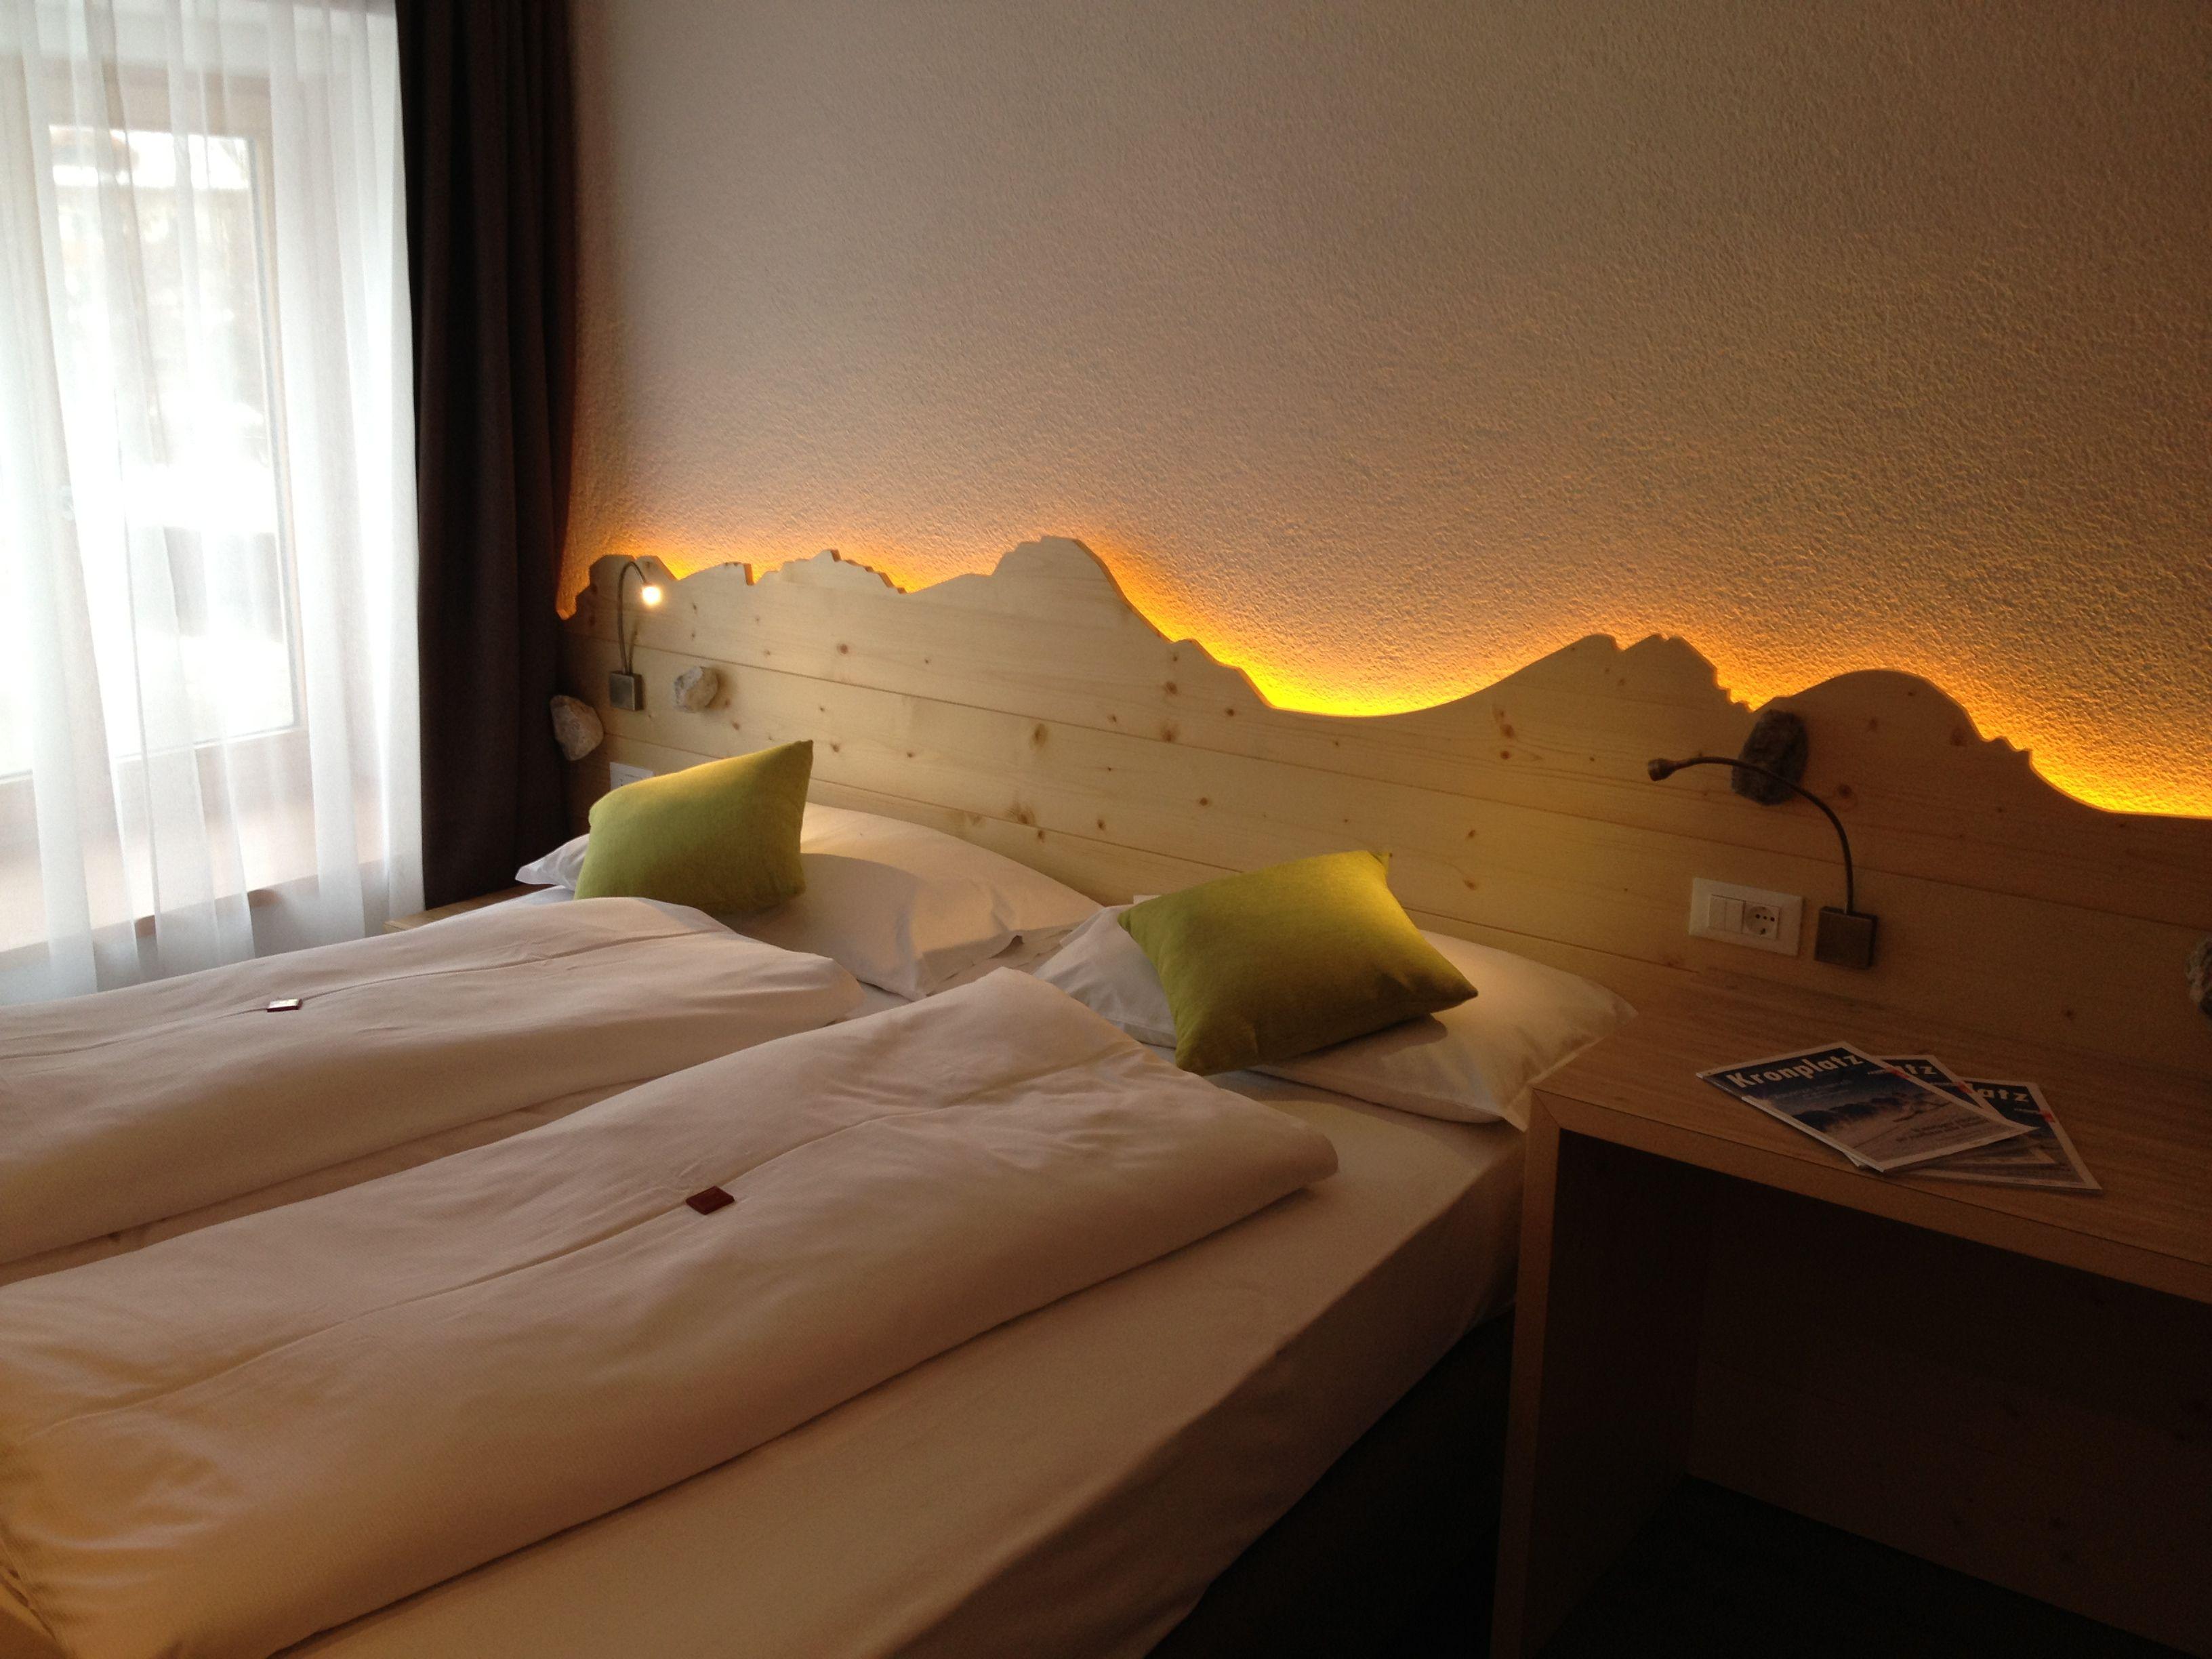 Als Zusatzliches Stilelement Im Zimmer Dient Die Indirekte Beleuchtung Hinter Dem Betthaupt Wohnen Indirekte Beleuchtung Raumgestaltung